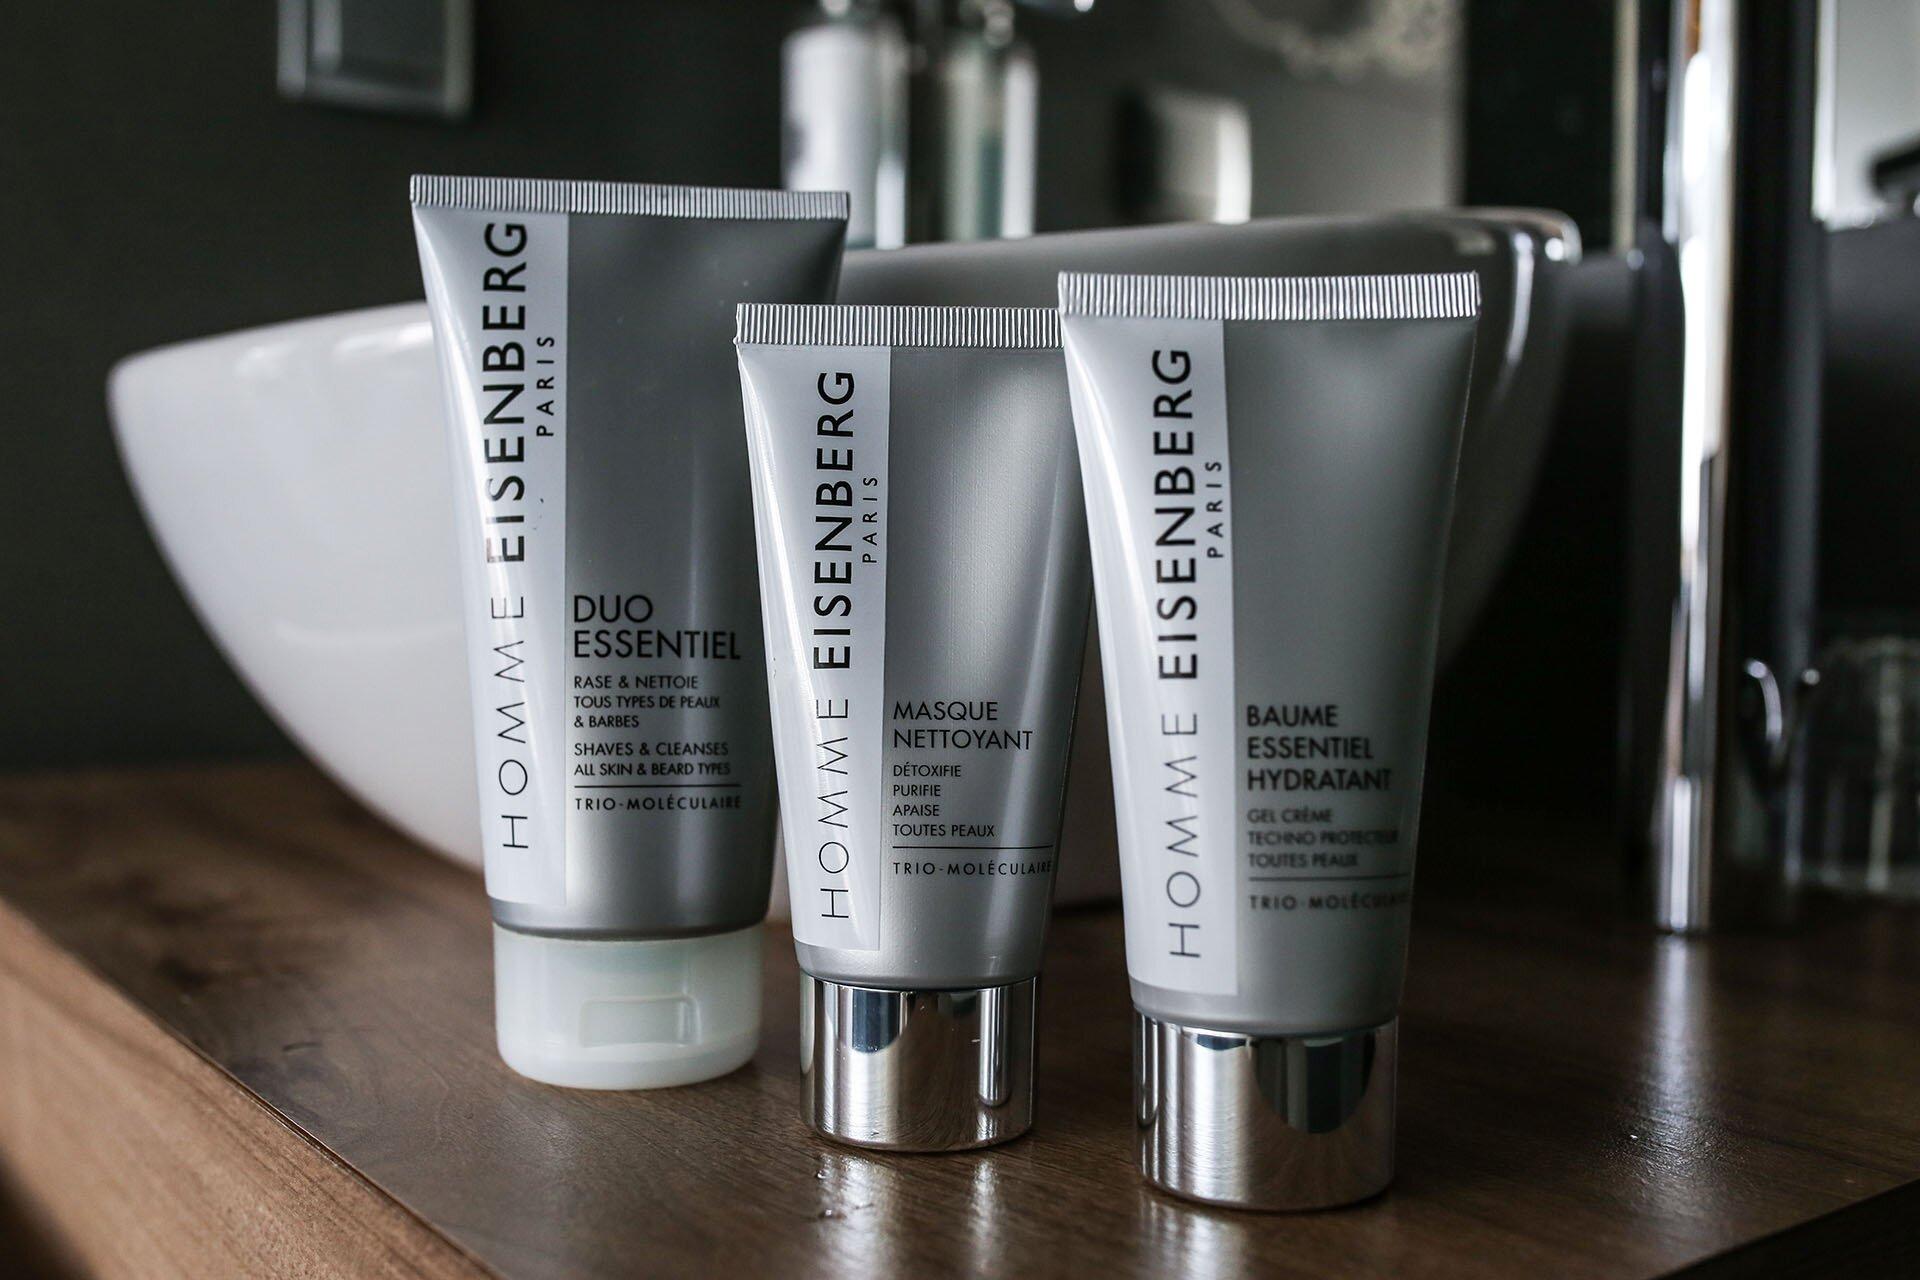 Twarz mężczyzny, Kosmetyki Eisenberg dla mężczyzn, Męskie kosmetyki, Kosmetyki dla mężczyzn, Jakich kosmetyków używają mężczyźni?